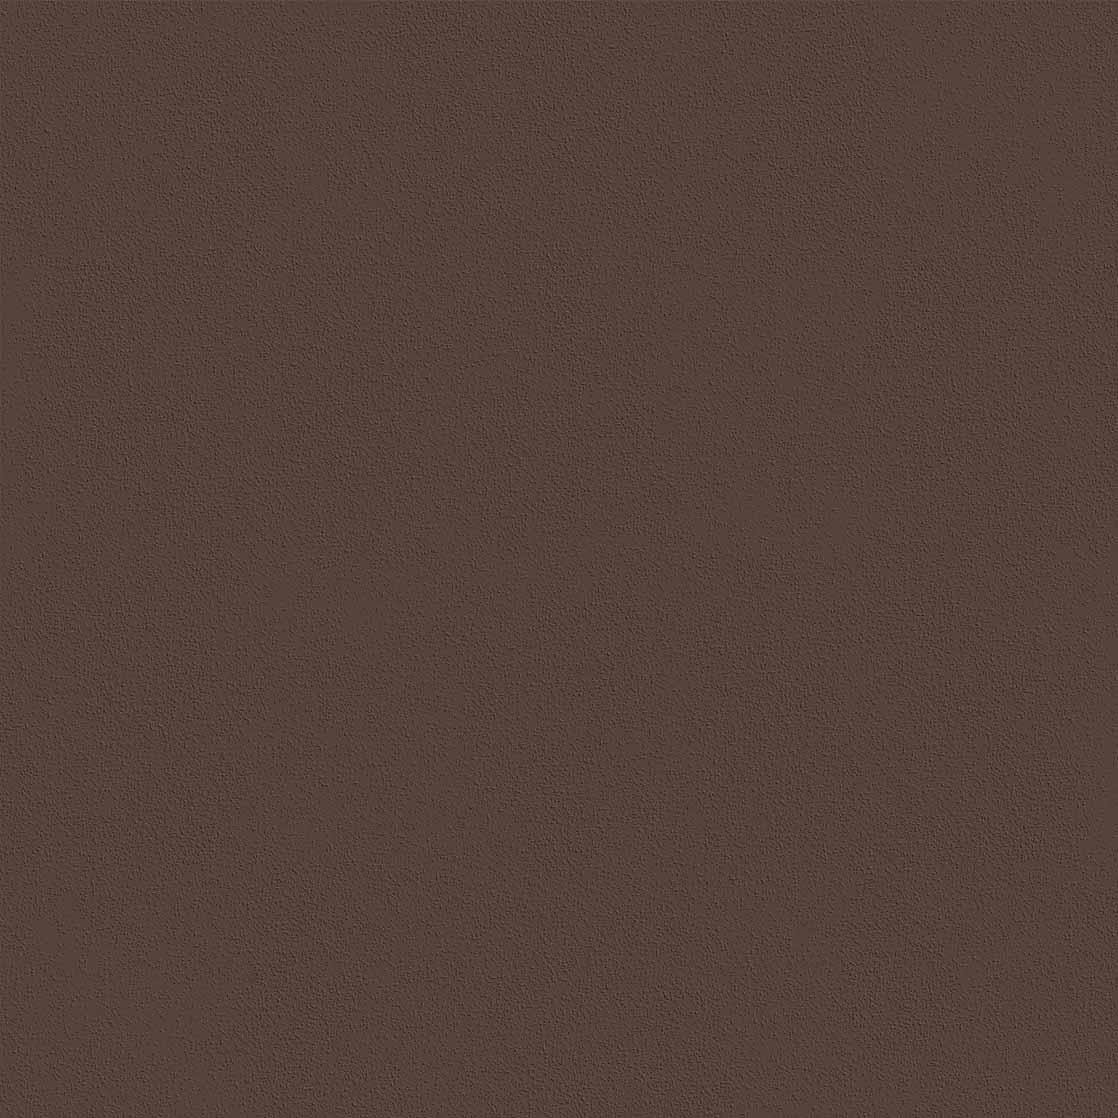 Gạch Cotto tráng men 400x400 Viglacera D403 giá rẻ